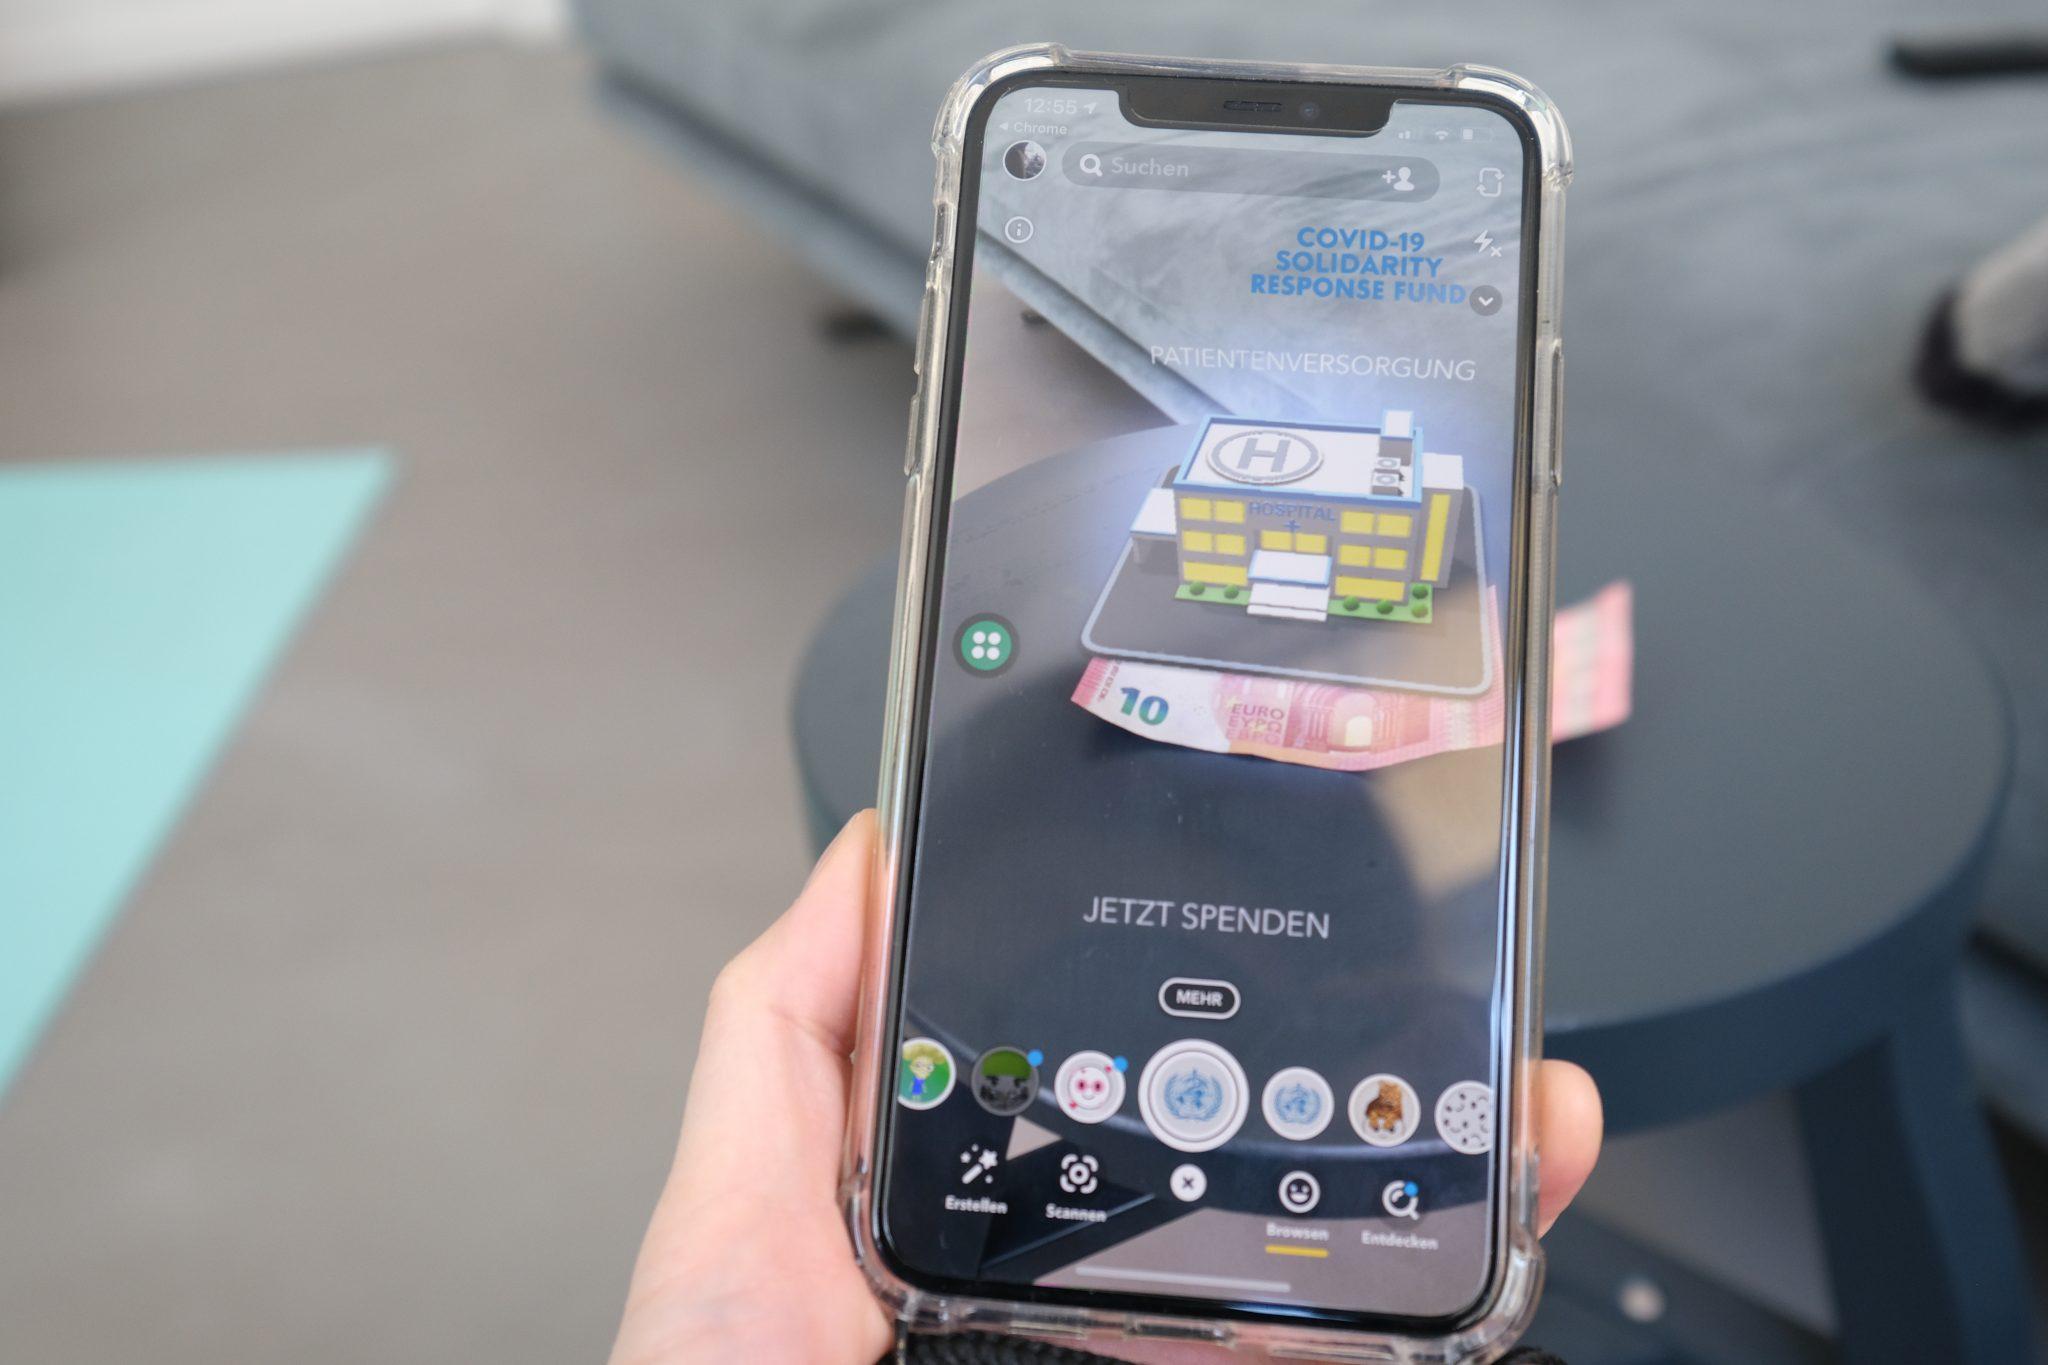 Projekt mit der WHO: Snapchat führt neue Augmented-Reality-Funktion ein